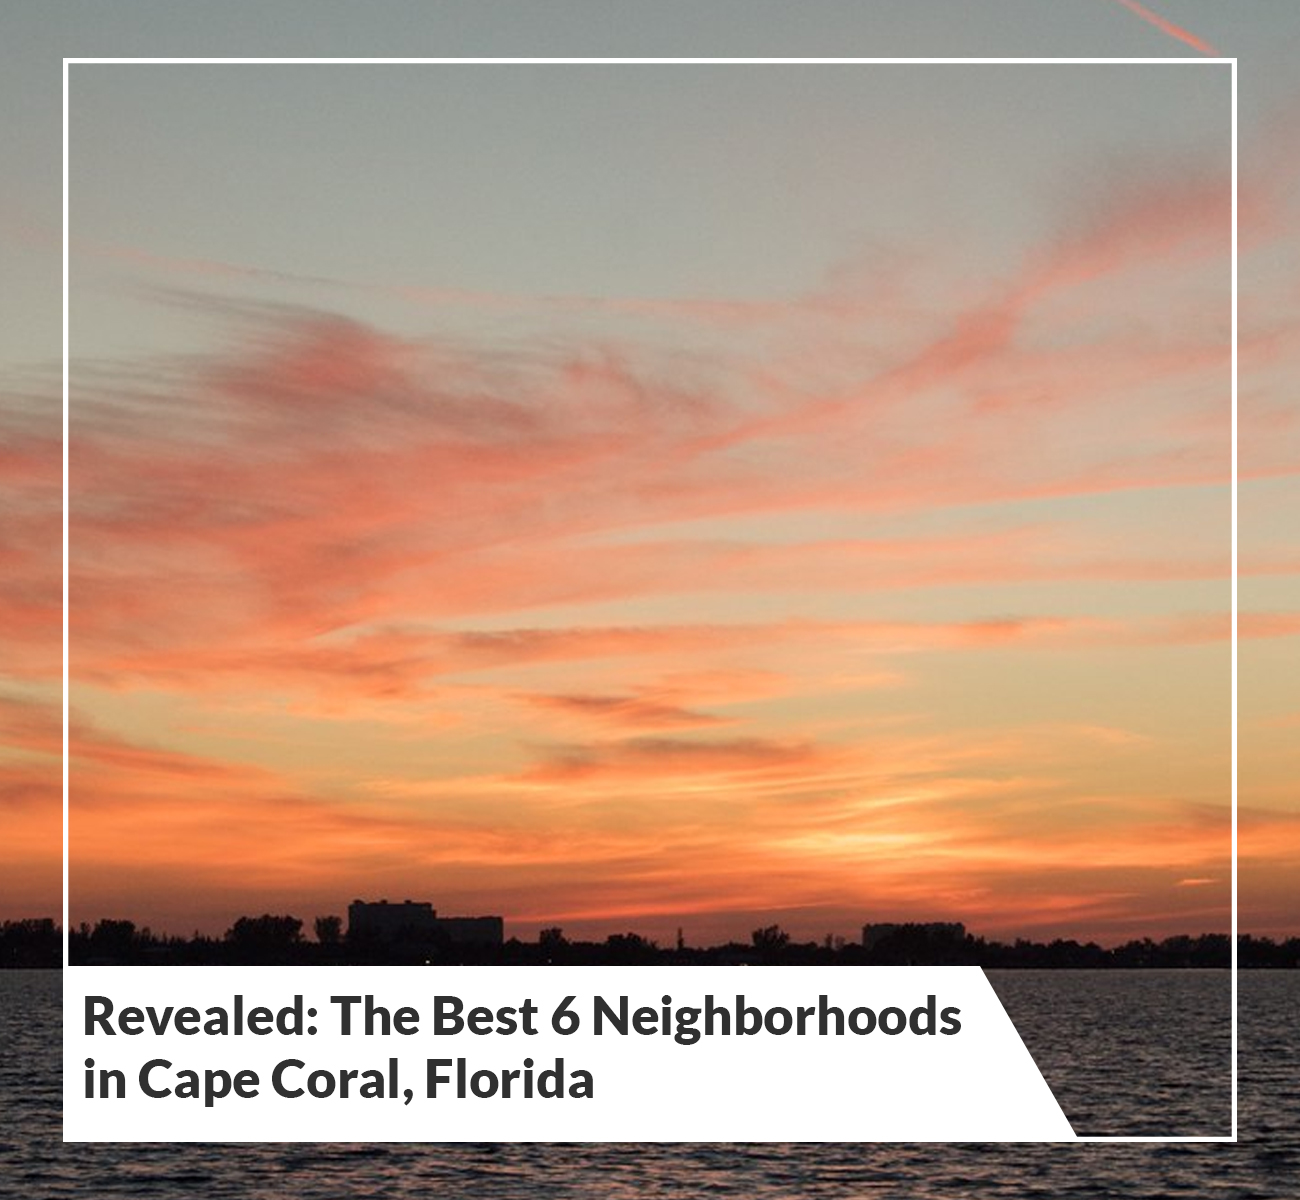 6 Best Neighborhoods in Cape Coral